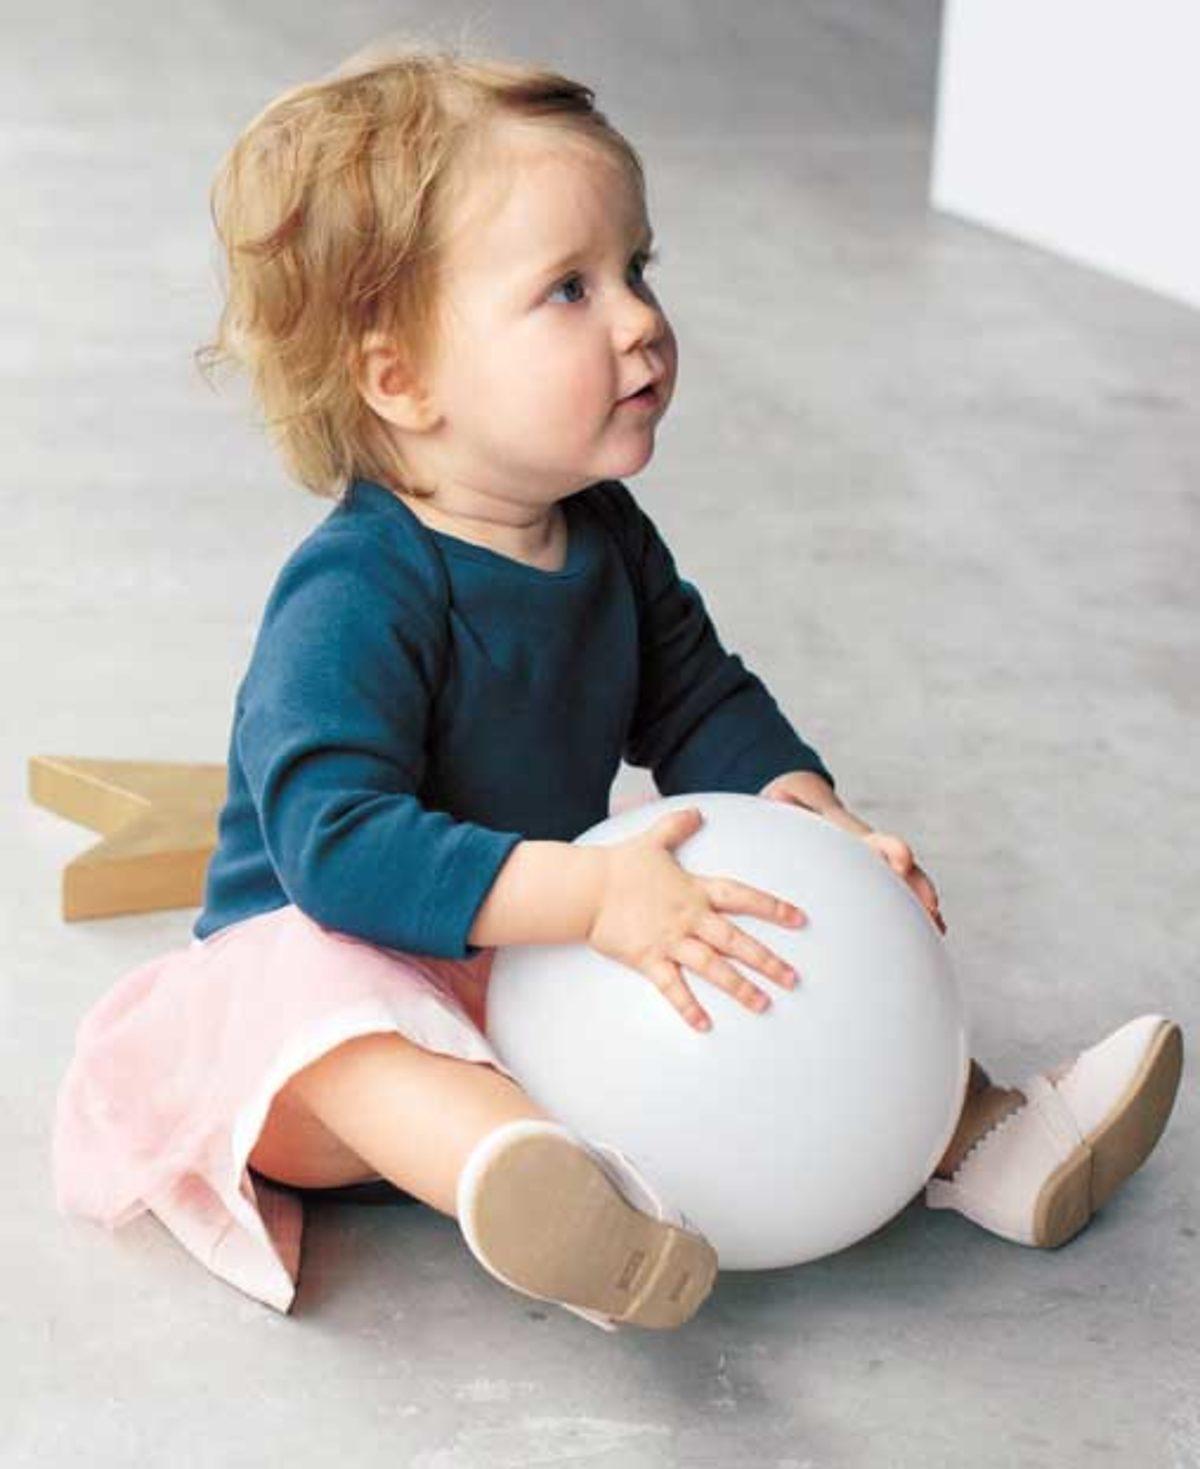 JALI254 jupe body enfant modèle couture